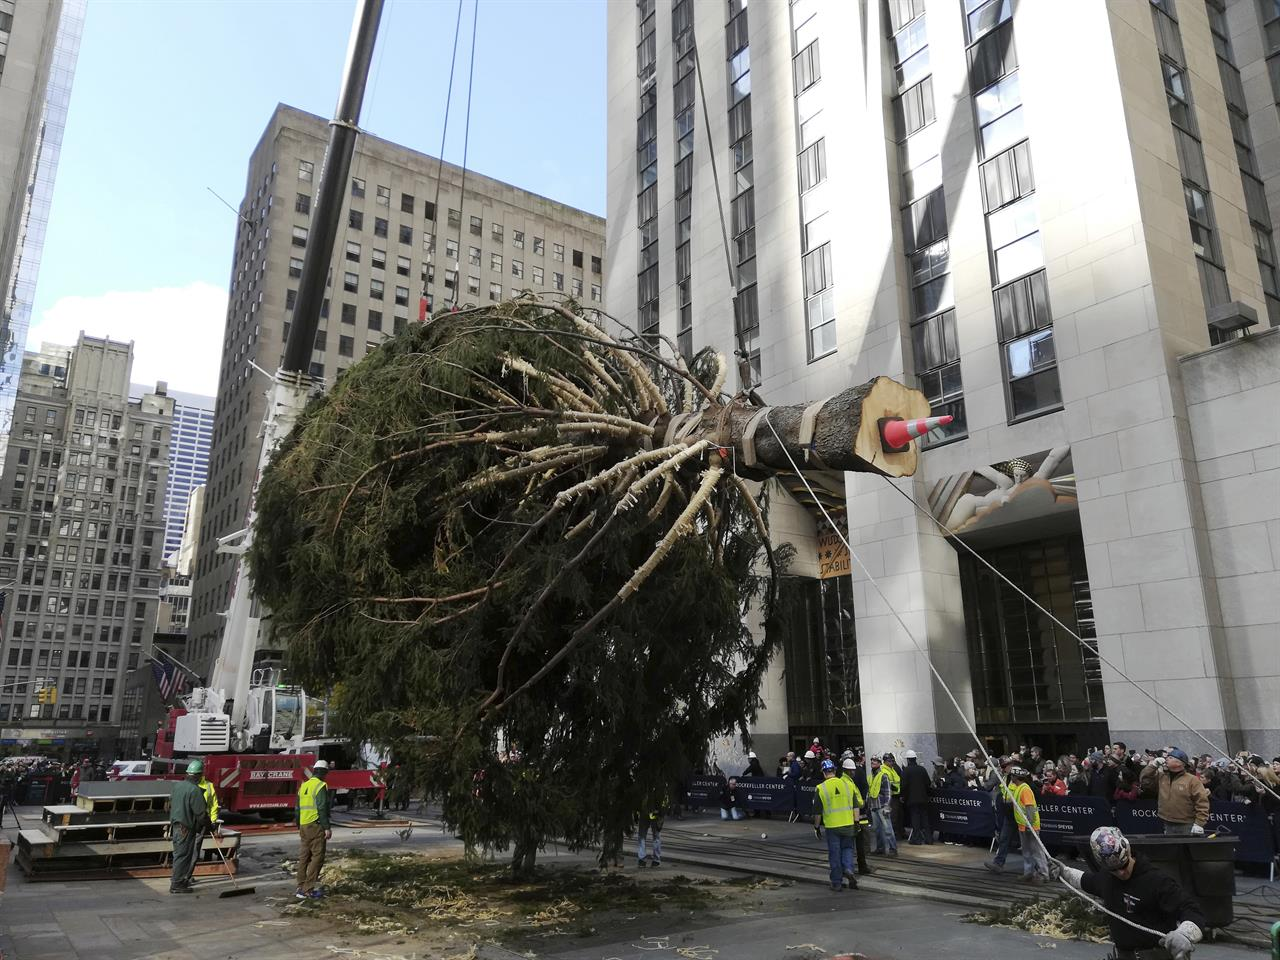 New York City's Rockefeller Center Christmas tree goes up ...